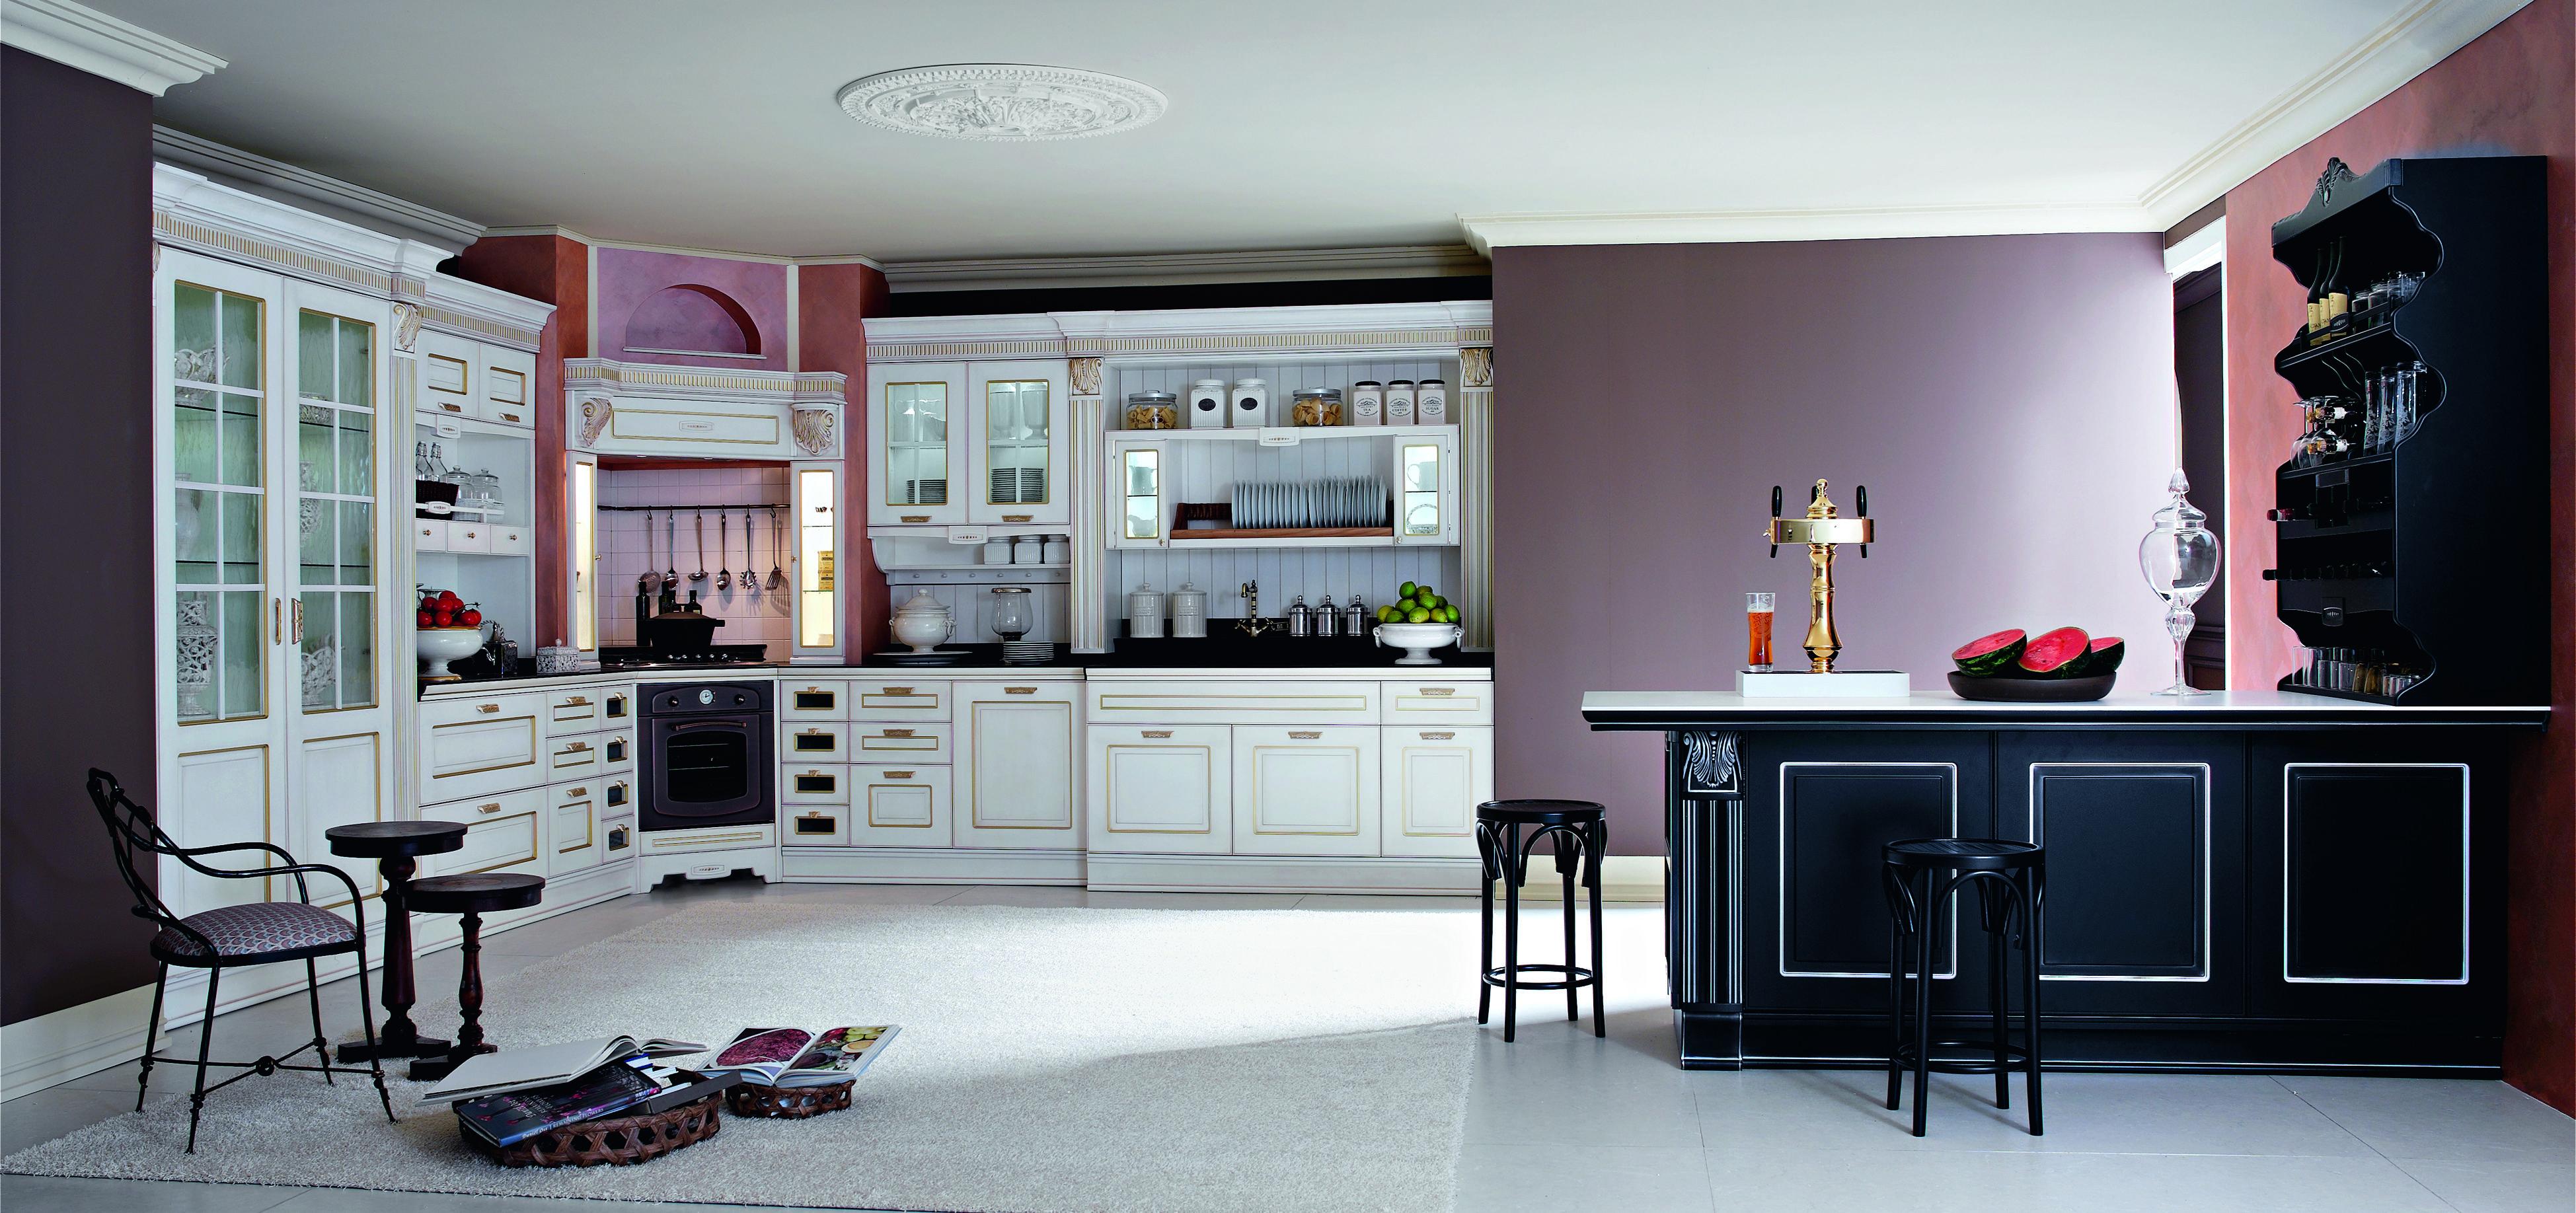 dhialma de marchi cucine | cocinas [kitchen] | pinterest | interiors - Landhauskchen Mediterran